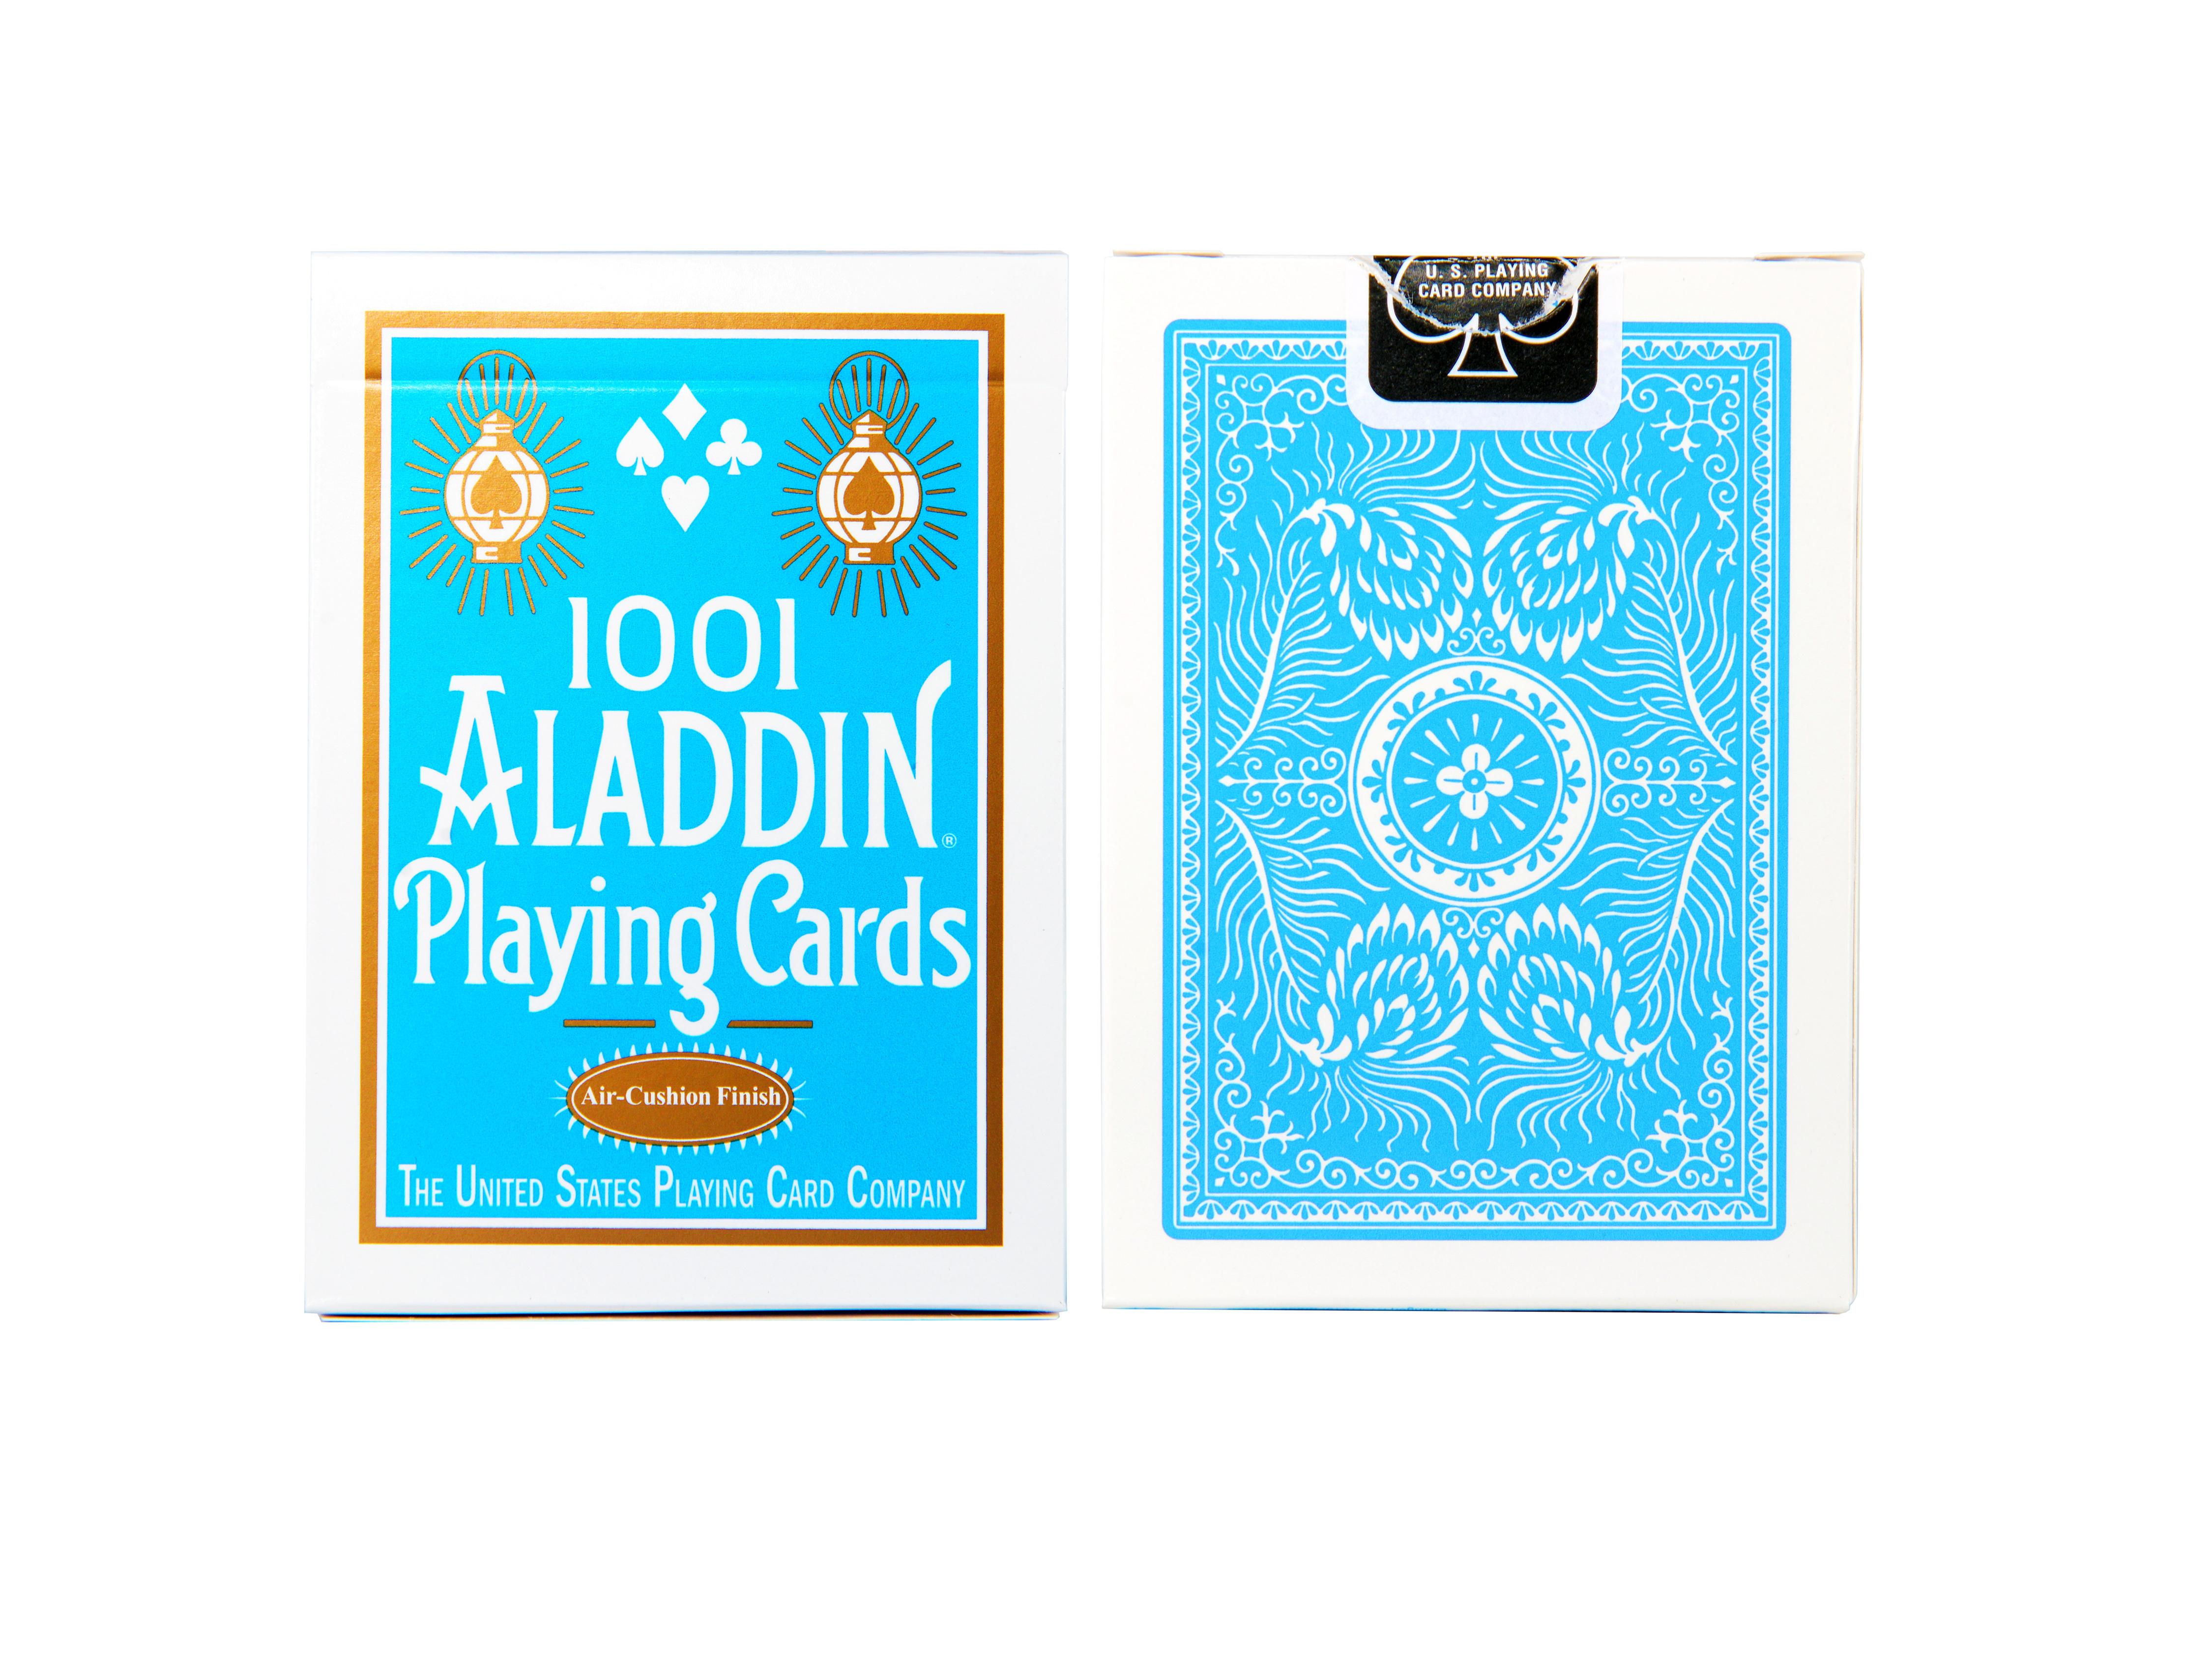 アラジン 水色 (Aladdin 1001)